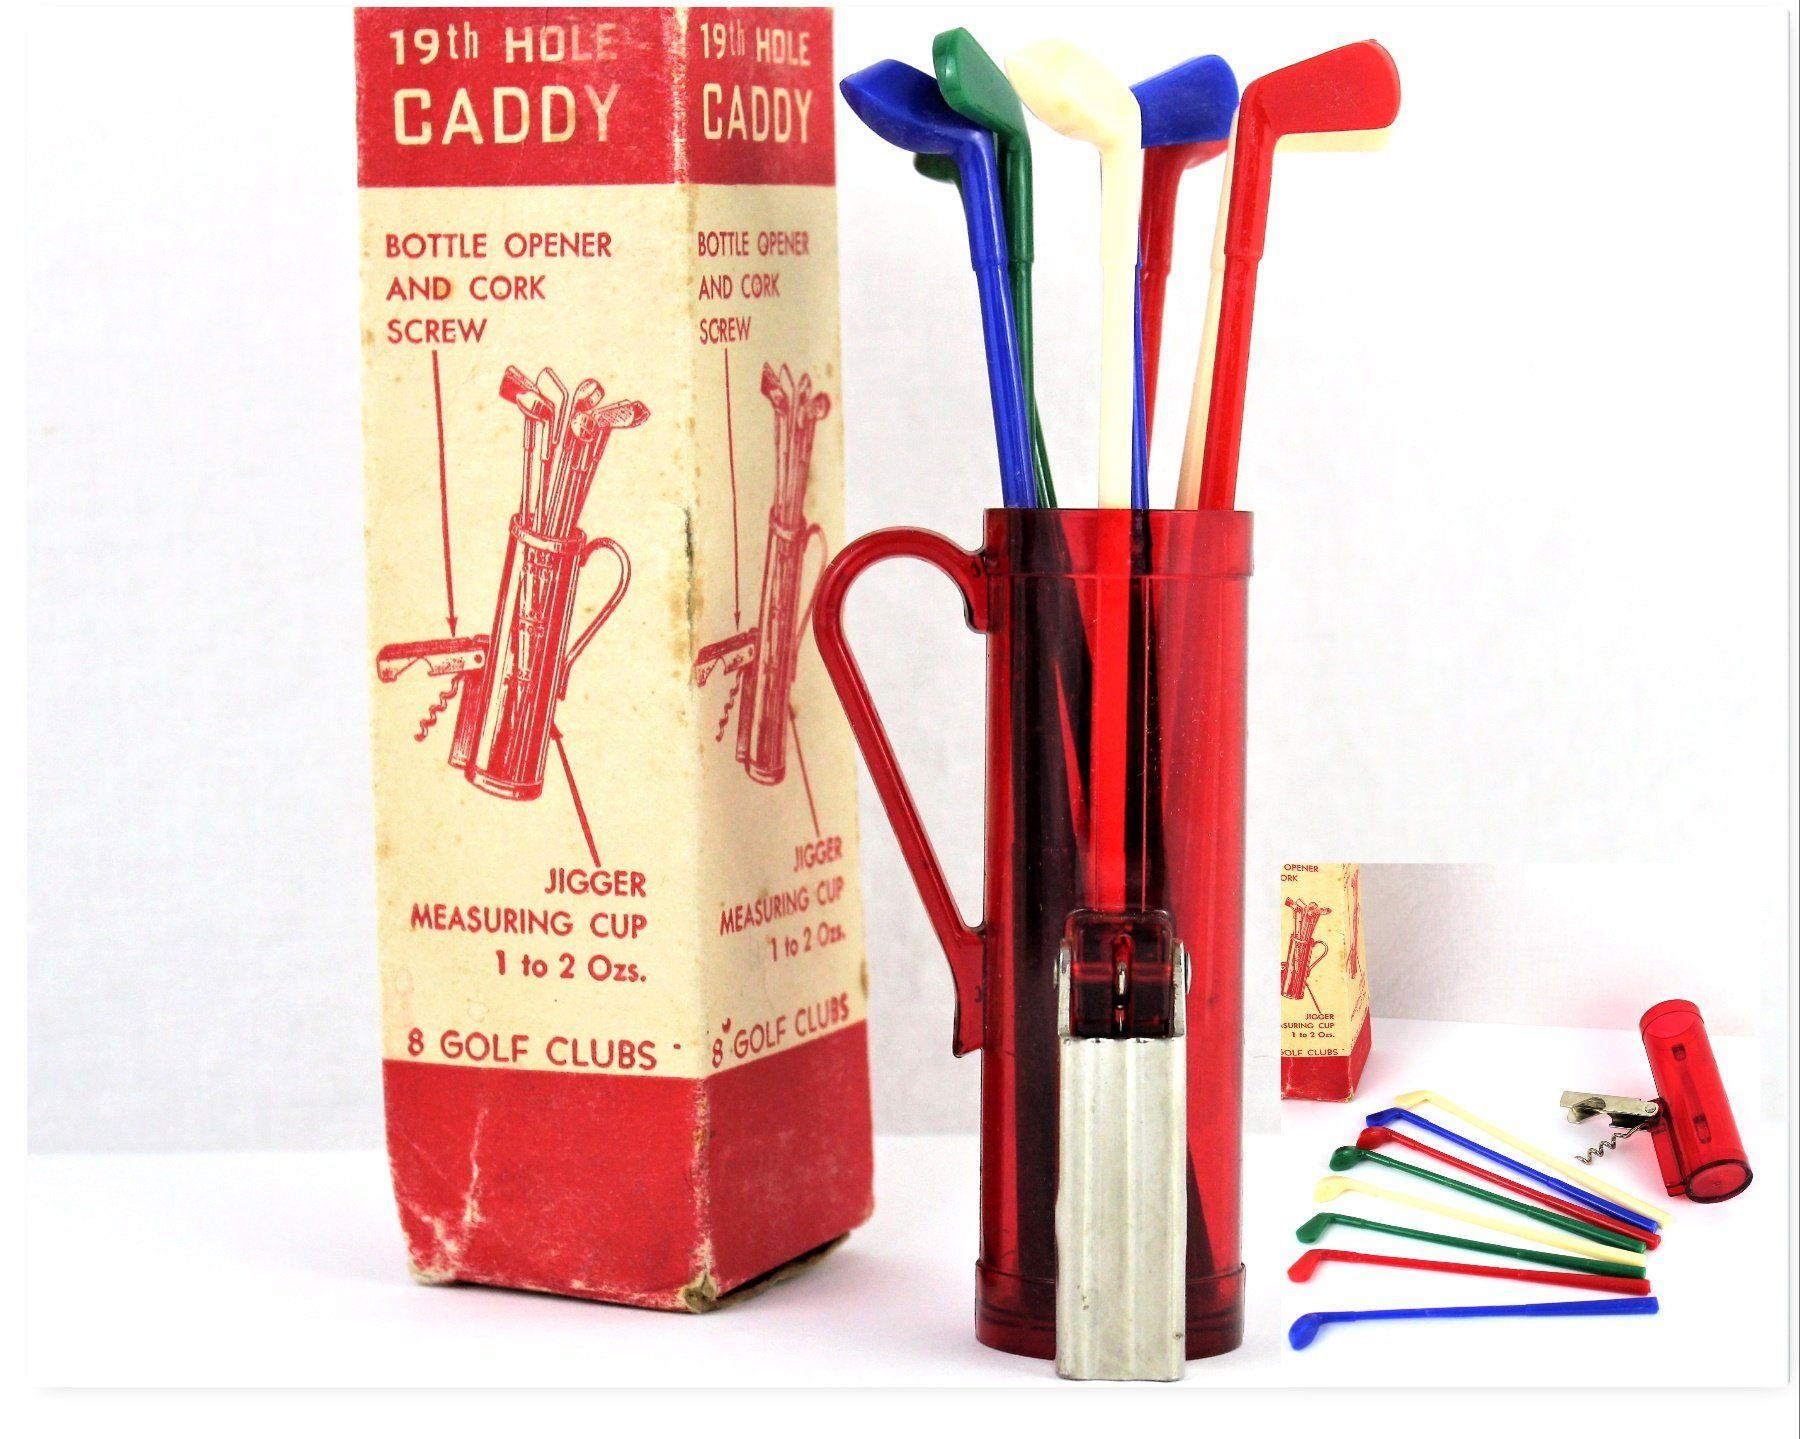 Vintage Corkscrew 19th Hole Caddy Barware Caddy Golf Bag Barware Wine Opener Vintage Corkscrew Wine Opener Corkscrew Vintage Bottle